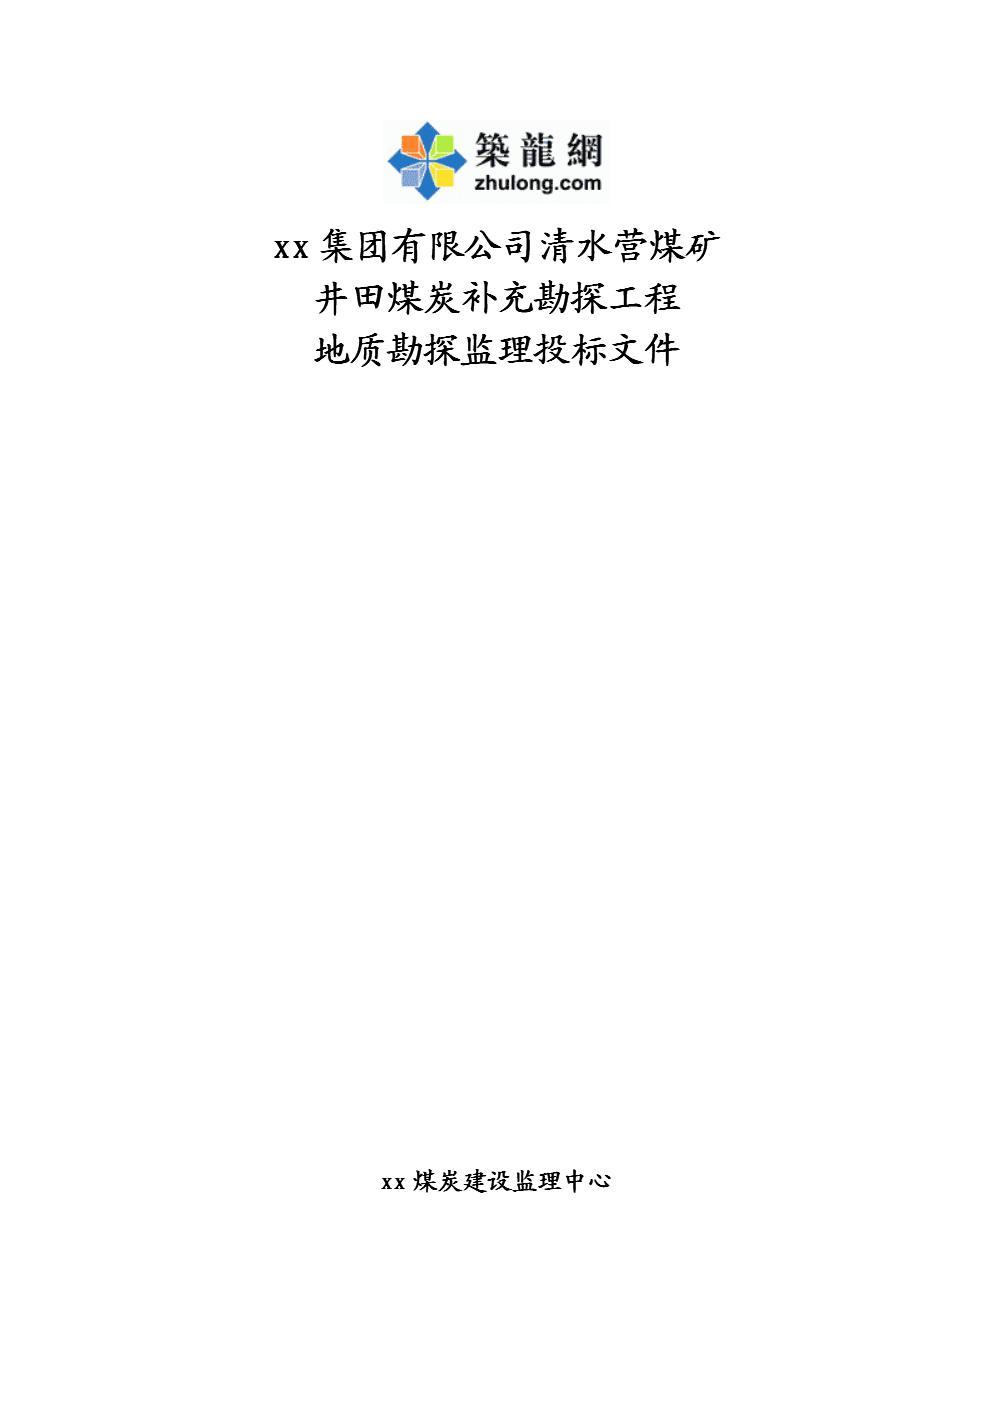 [陕西]西安煤炭勘探建设监理中心投标书.doc